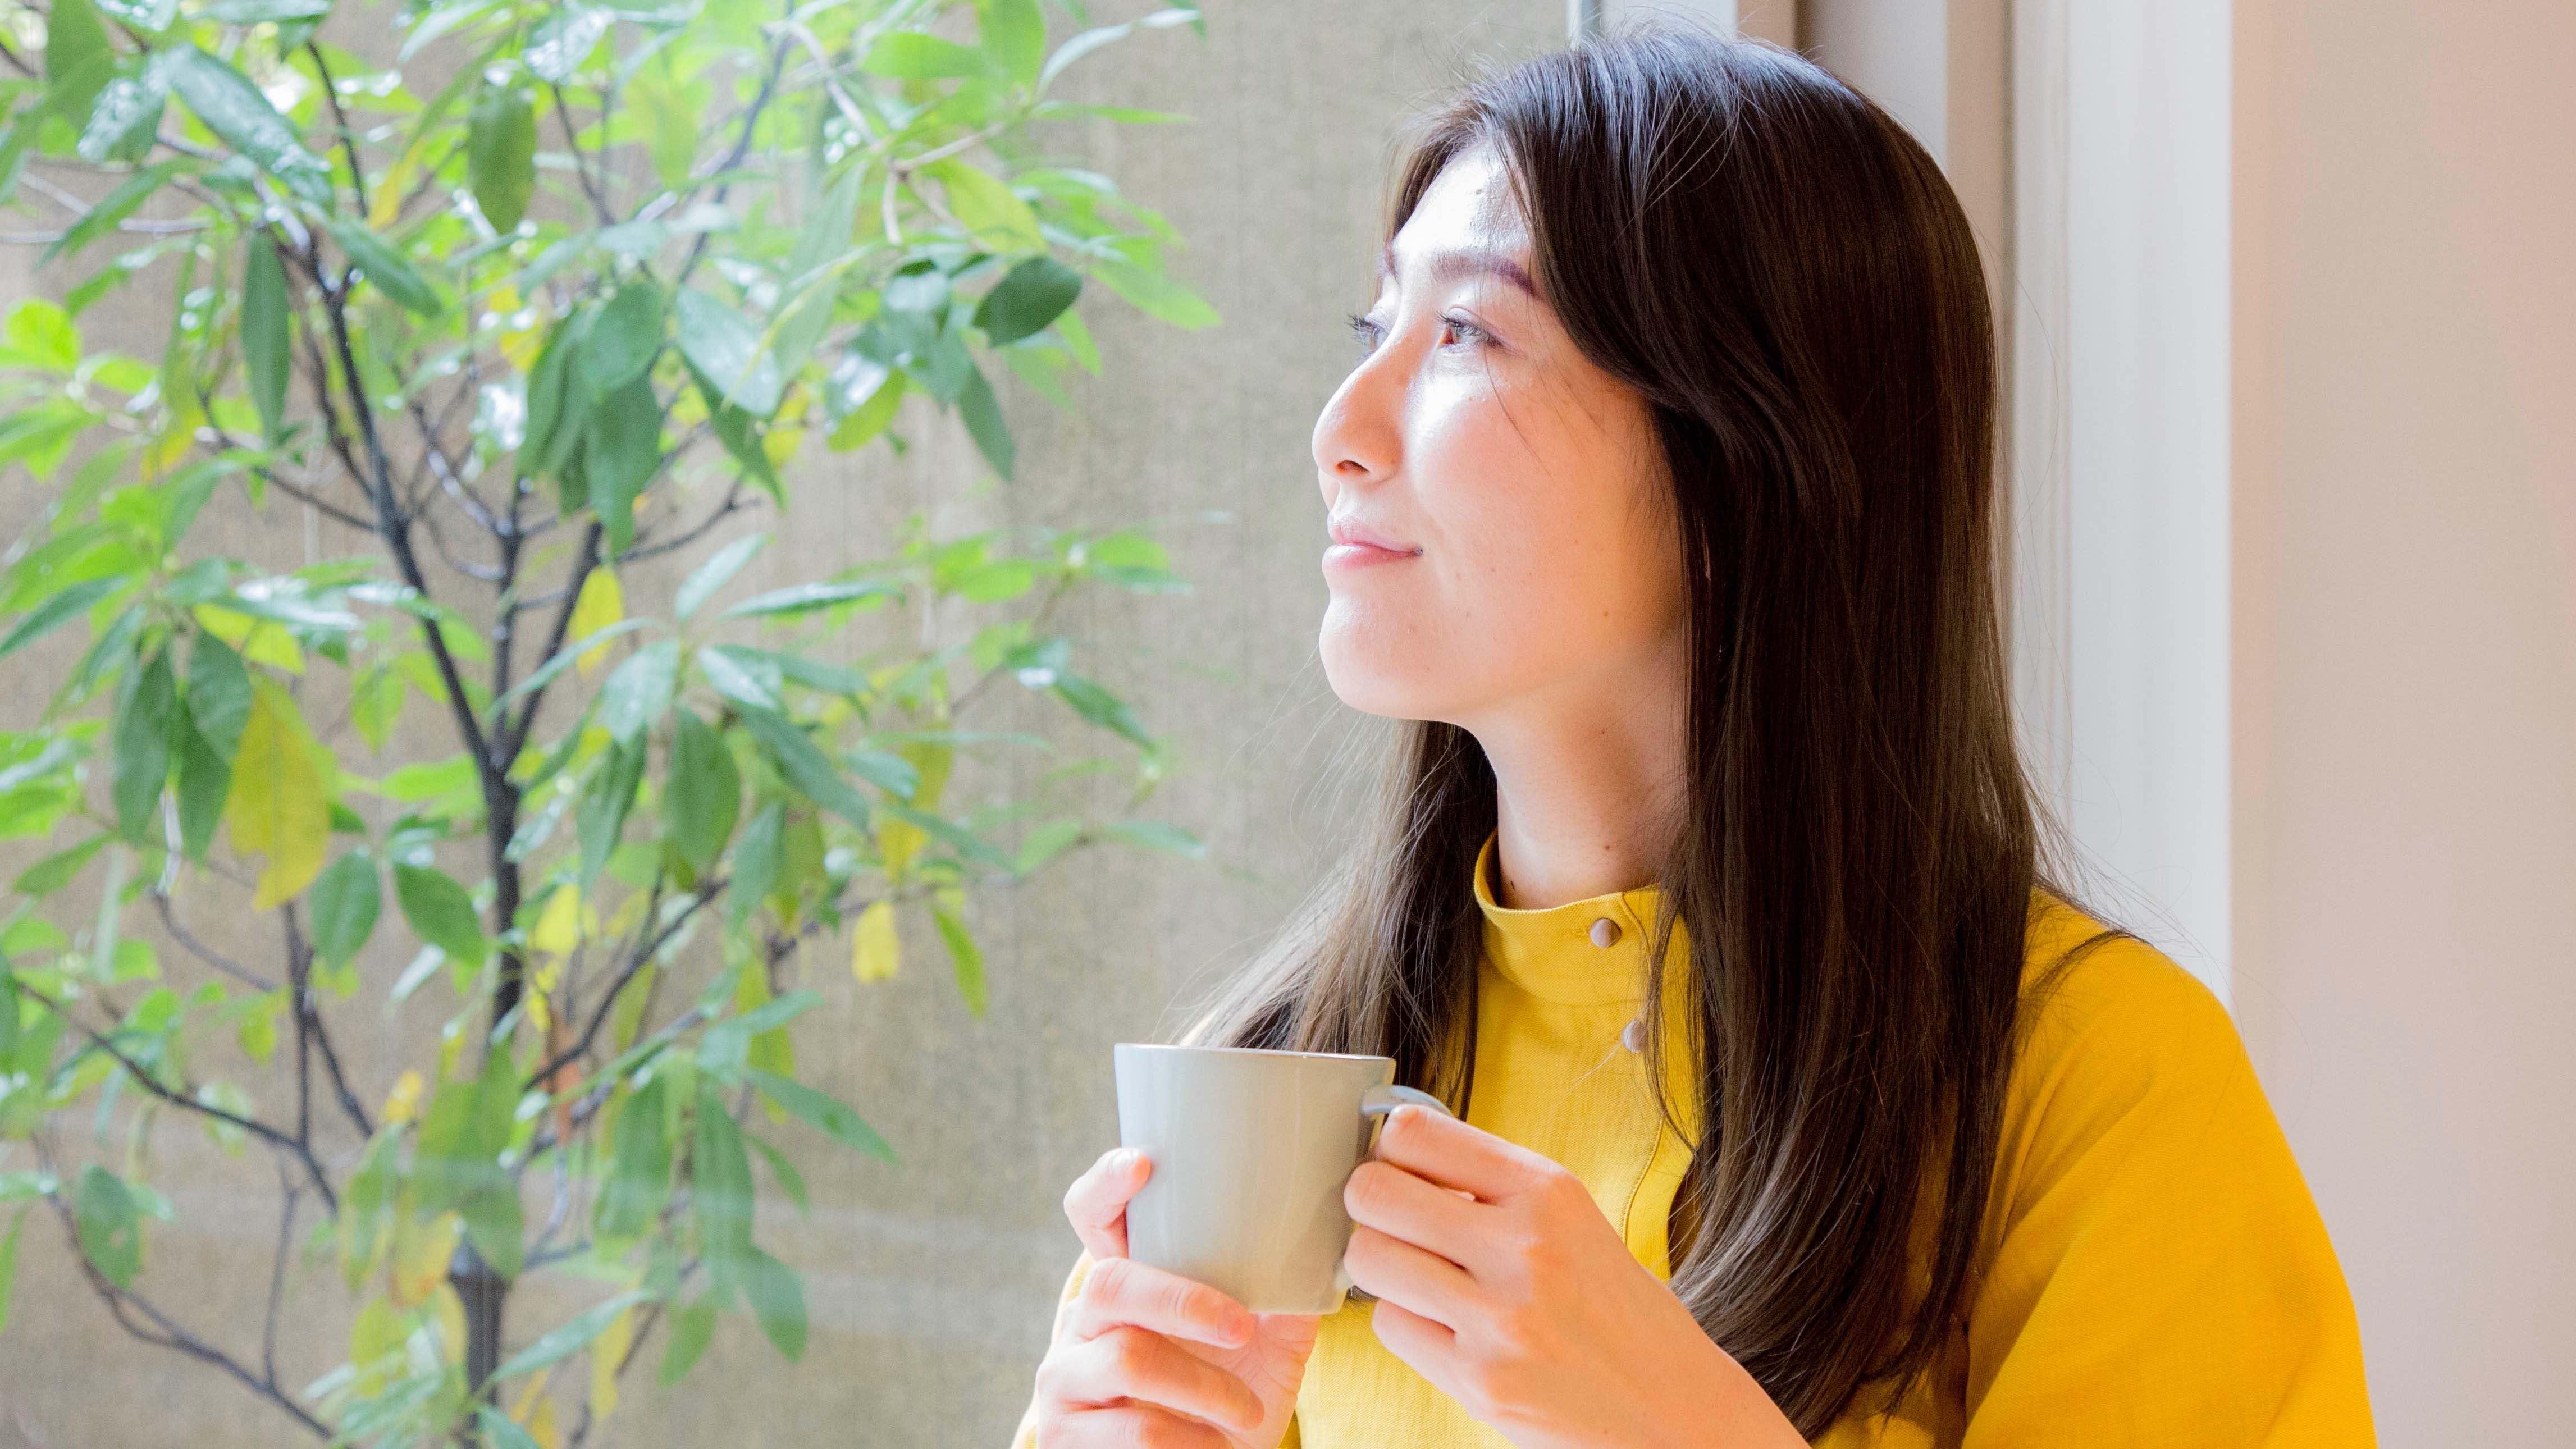 【気持ちを整える朝習慣vol.2】オーガニックな朝生活でセルフケア